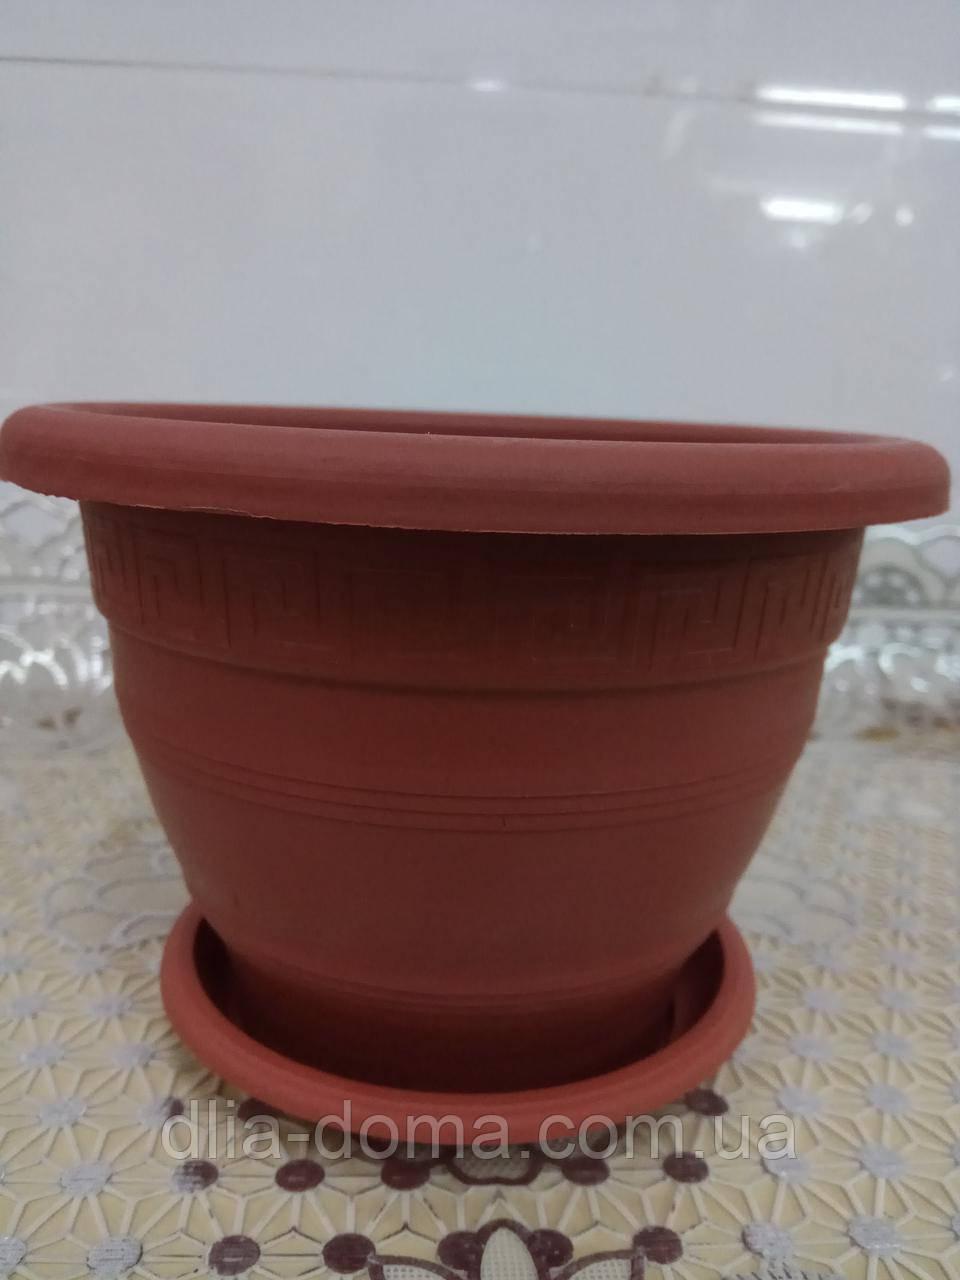 Горшок для цветов Версаче, диаметр 40 см,5109